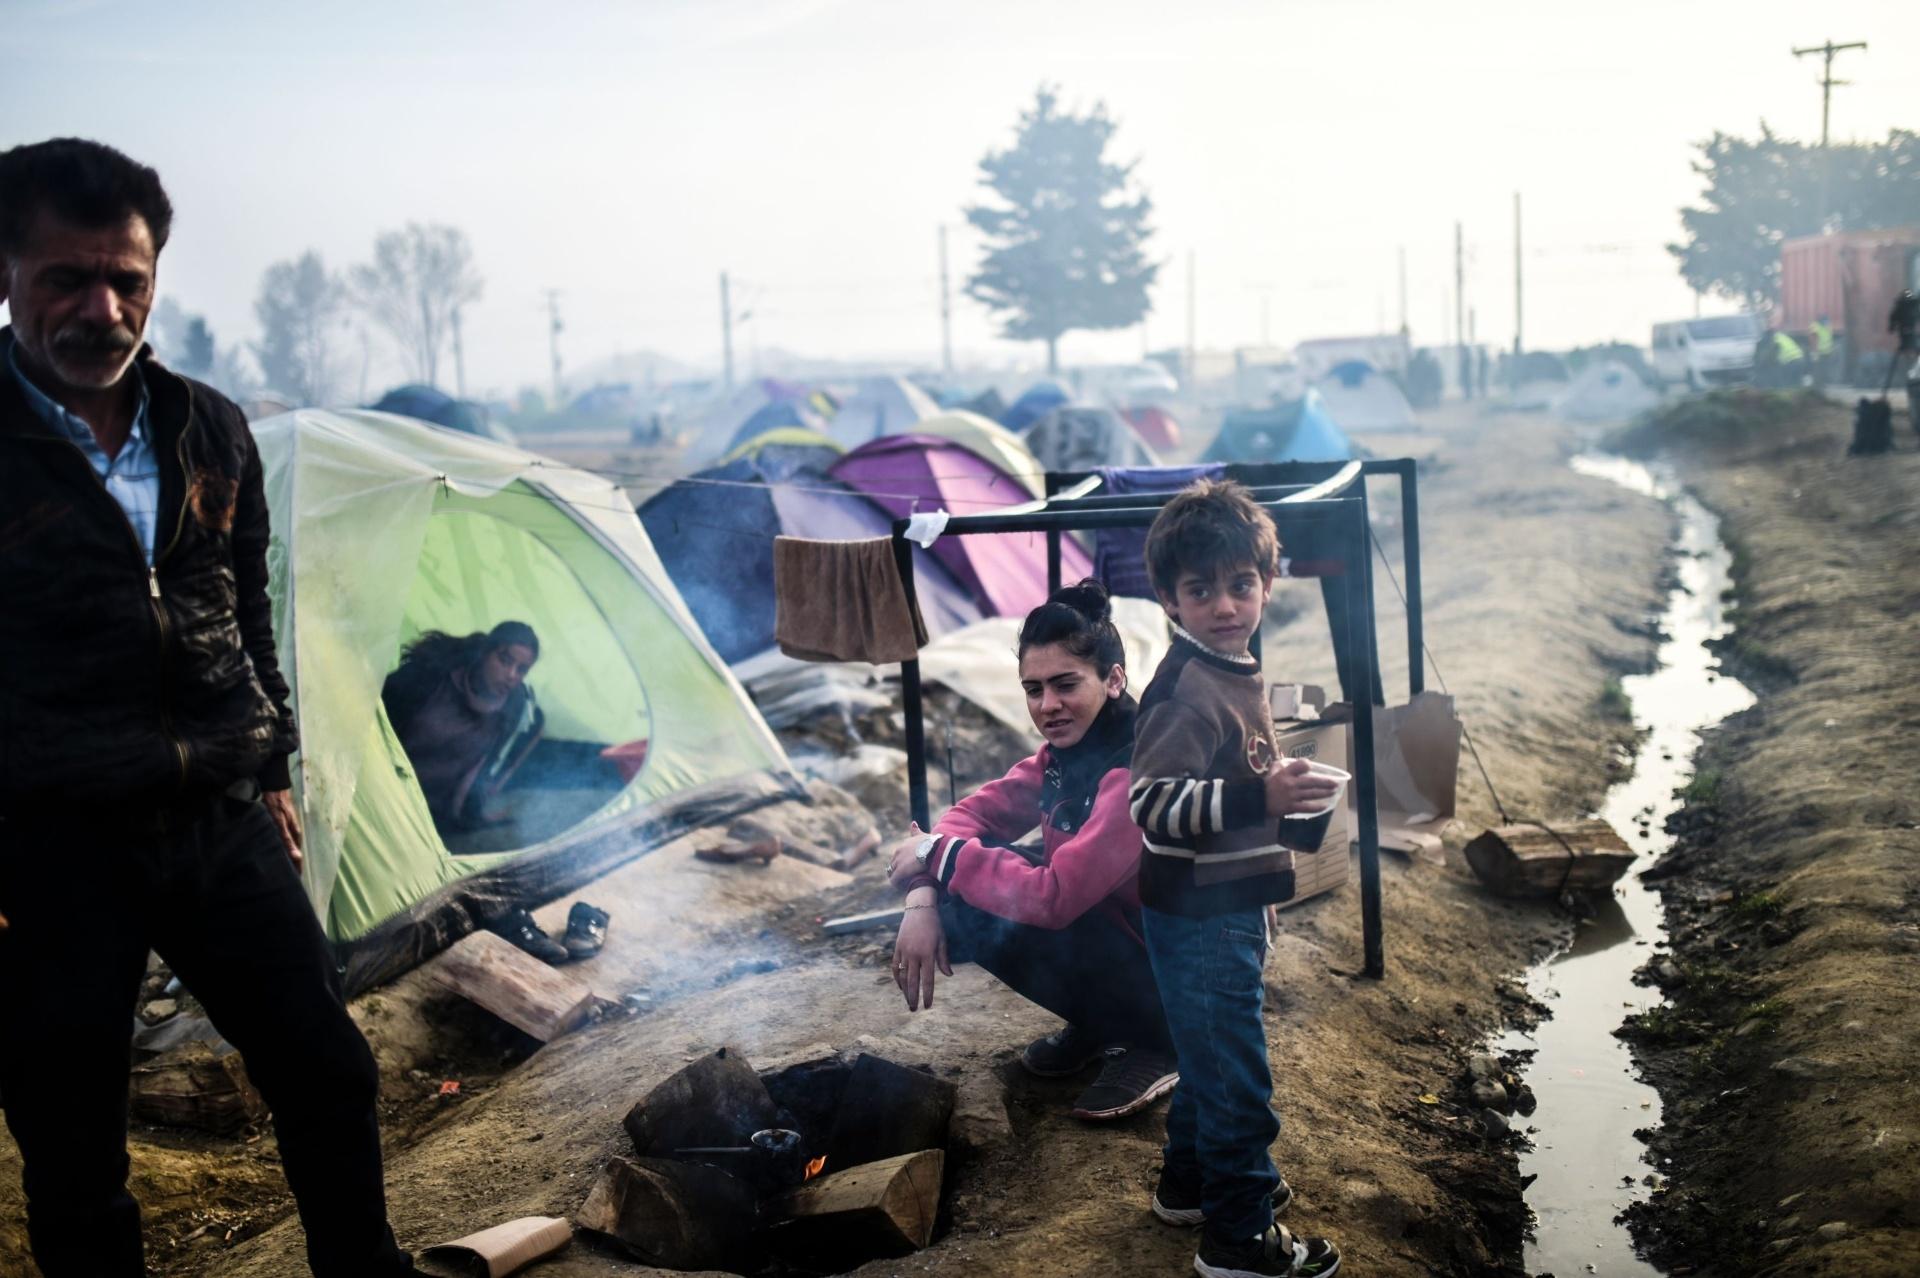 1º.abr.2016 - Grupo de refugiados amanhece em acampamento improvisado na fronteira da Grécia com a Macedônia, perto da aldeia de Idomeni, onde milhares de imigrantes estão retidos pelo bloqueio das fronteiras dos países balcânicos. O chefe da ONU, Ban Ki-moon, pediu na quarta-feira maiores esforços para enfrentar a crise de refugiados da Síria